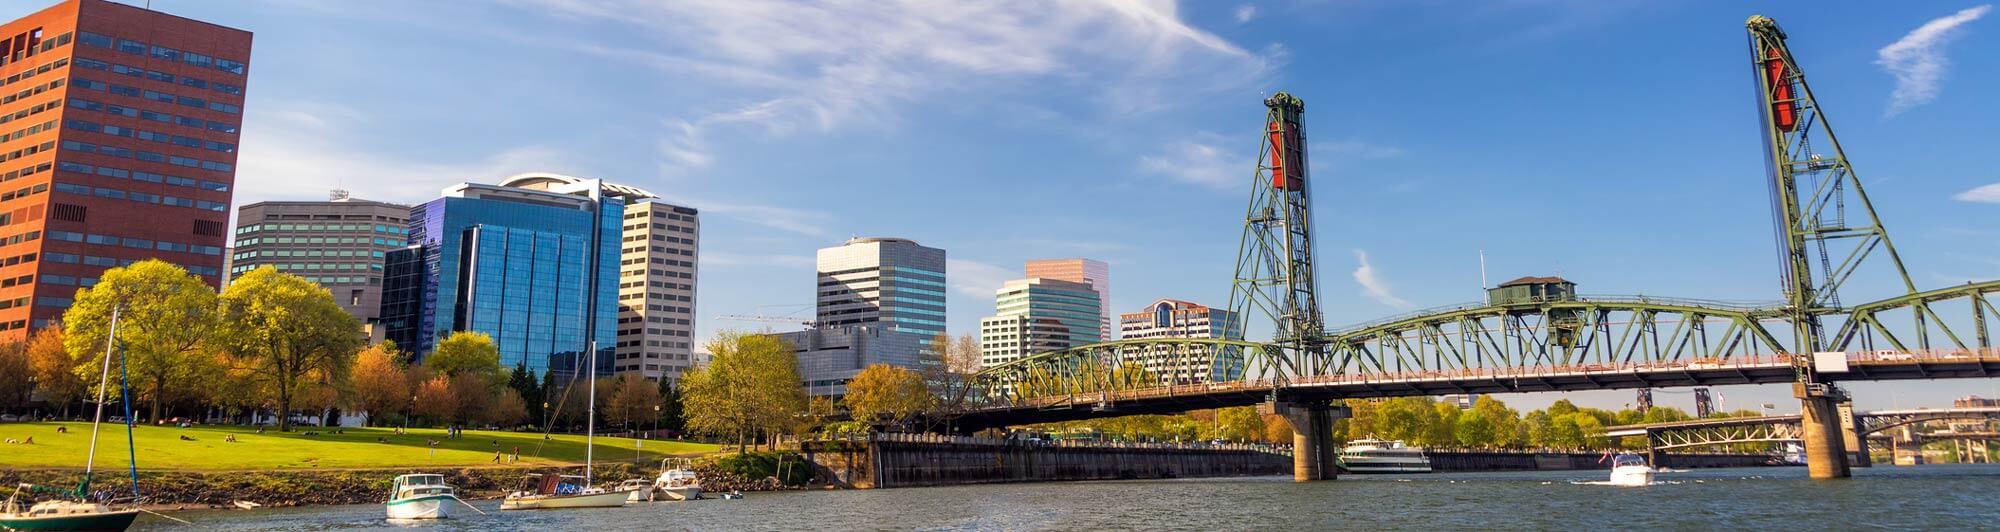 Scene of Hawthorne Bridge